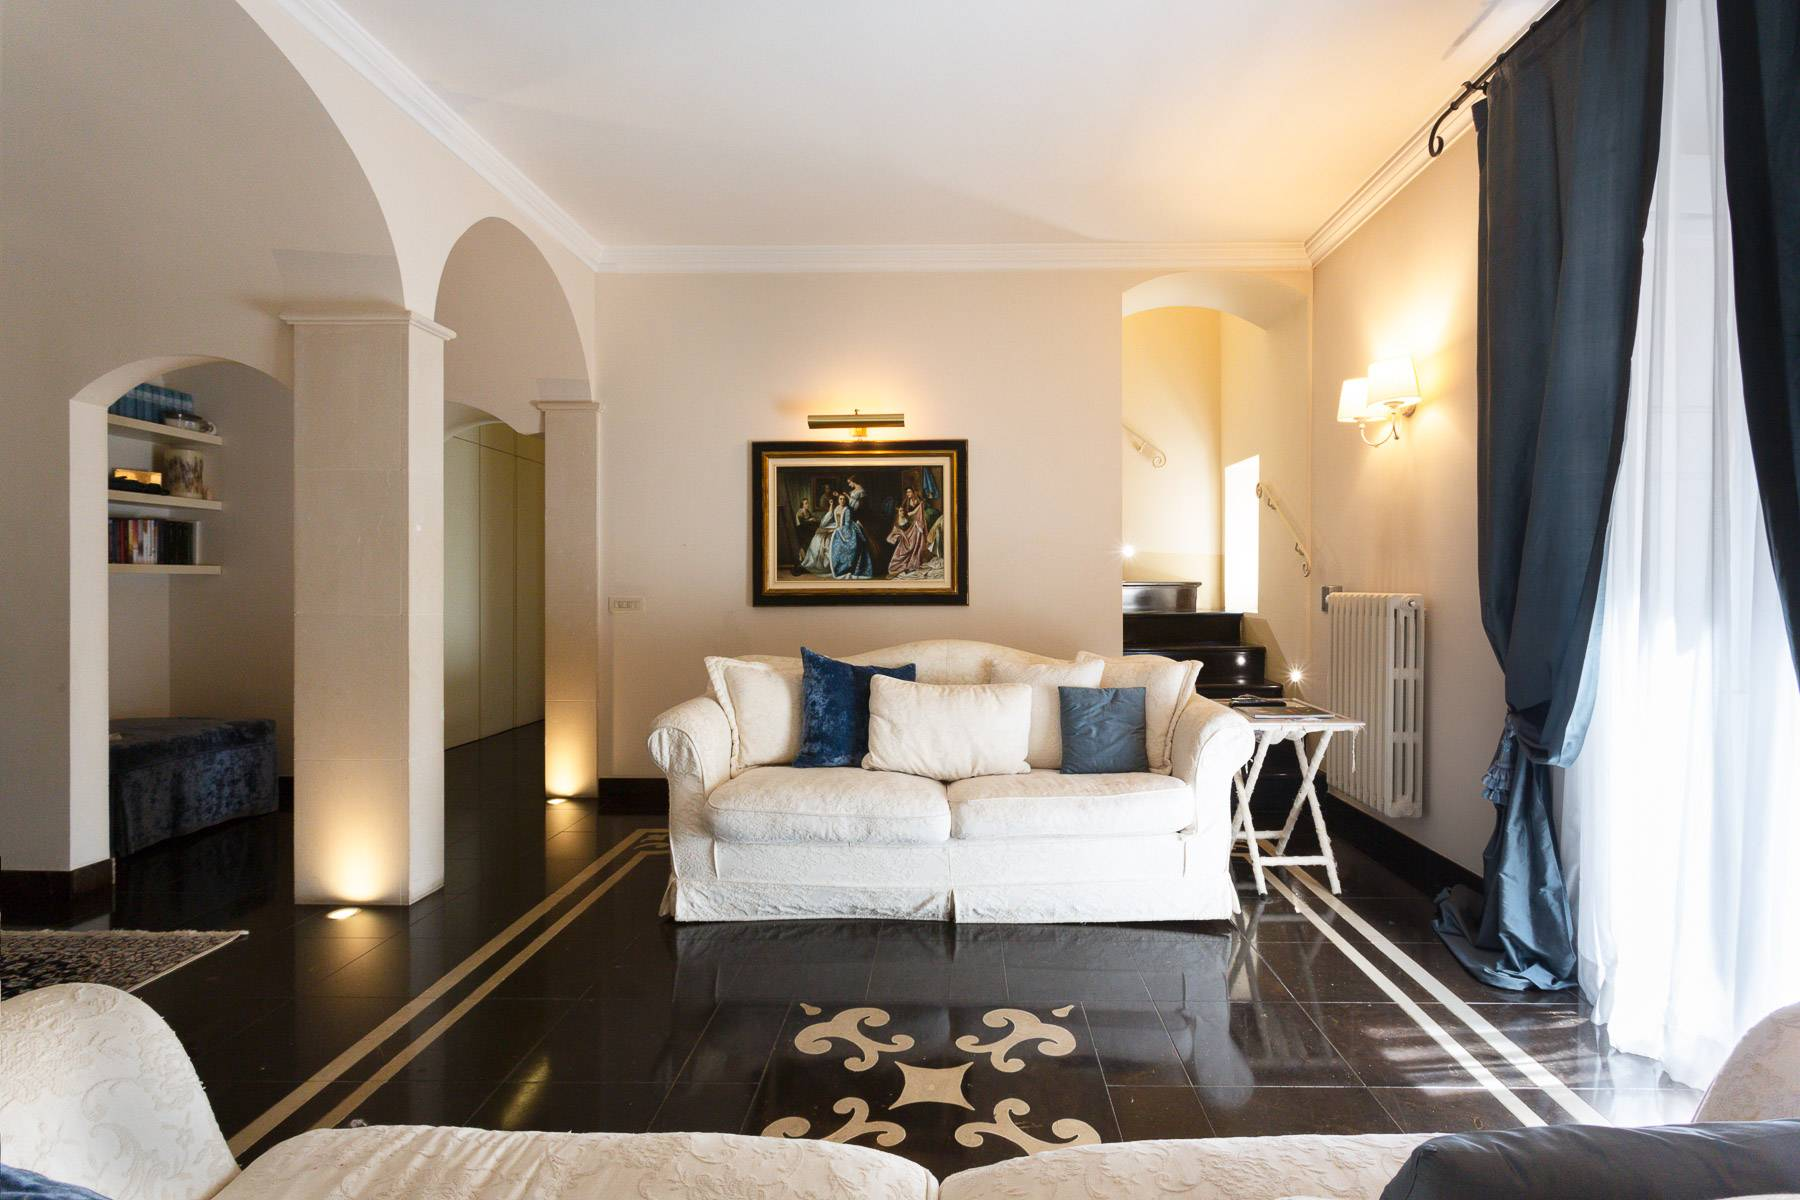 Casa indipendente in Vendita a Ragusa: 5 locali, 200 mq - Foto 7